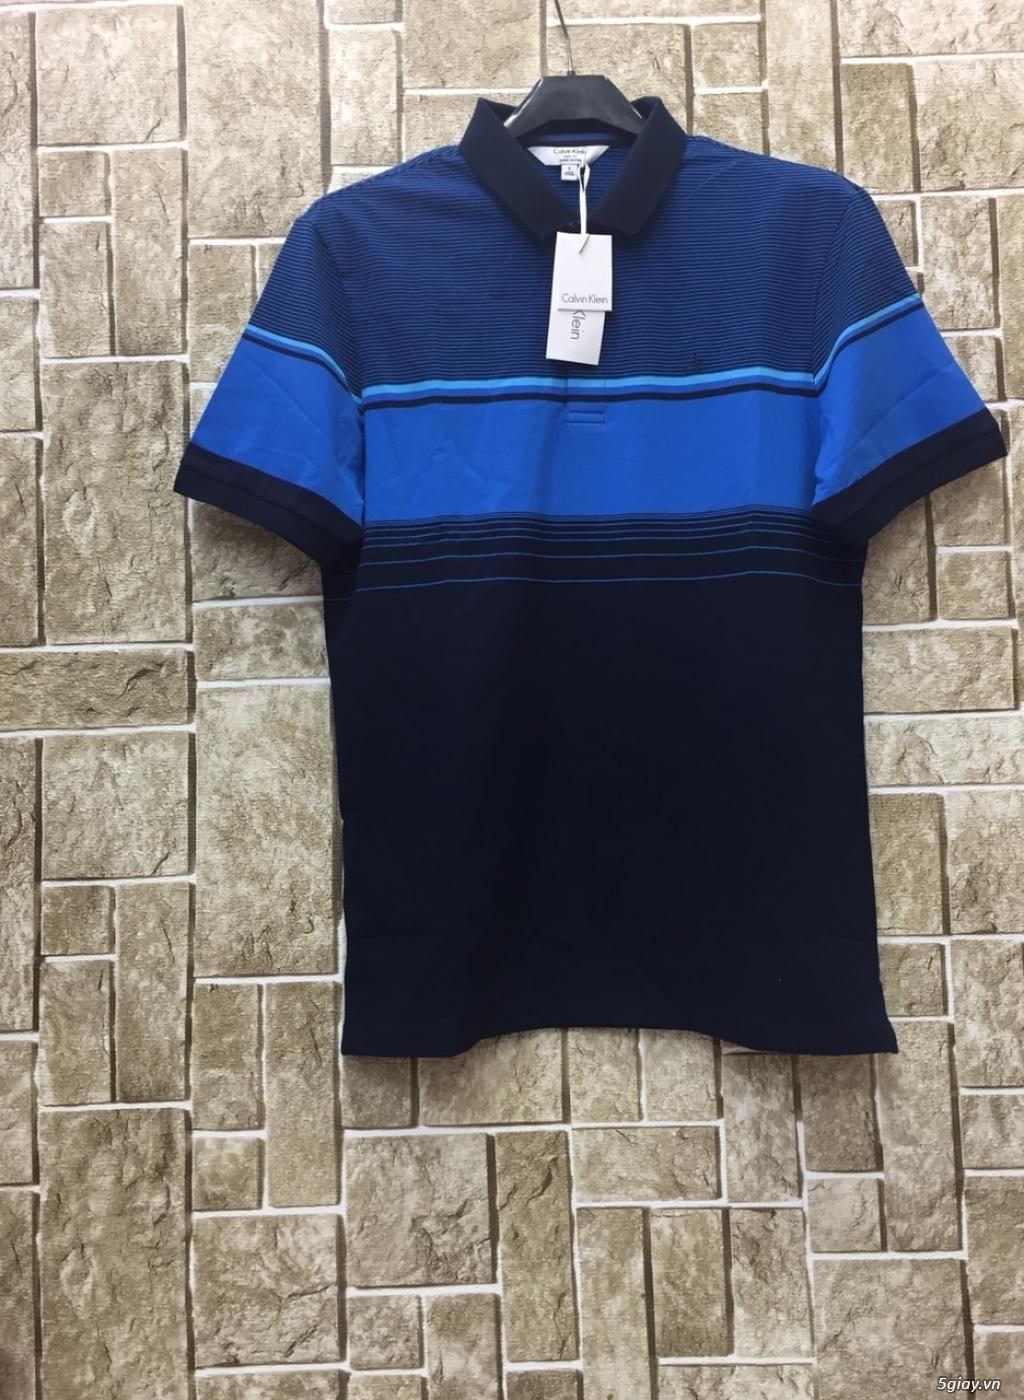 [Scyber Store] Chuyên quần áo thể thao nam - Hàng hiệu xuất khẩu - 22